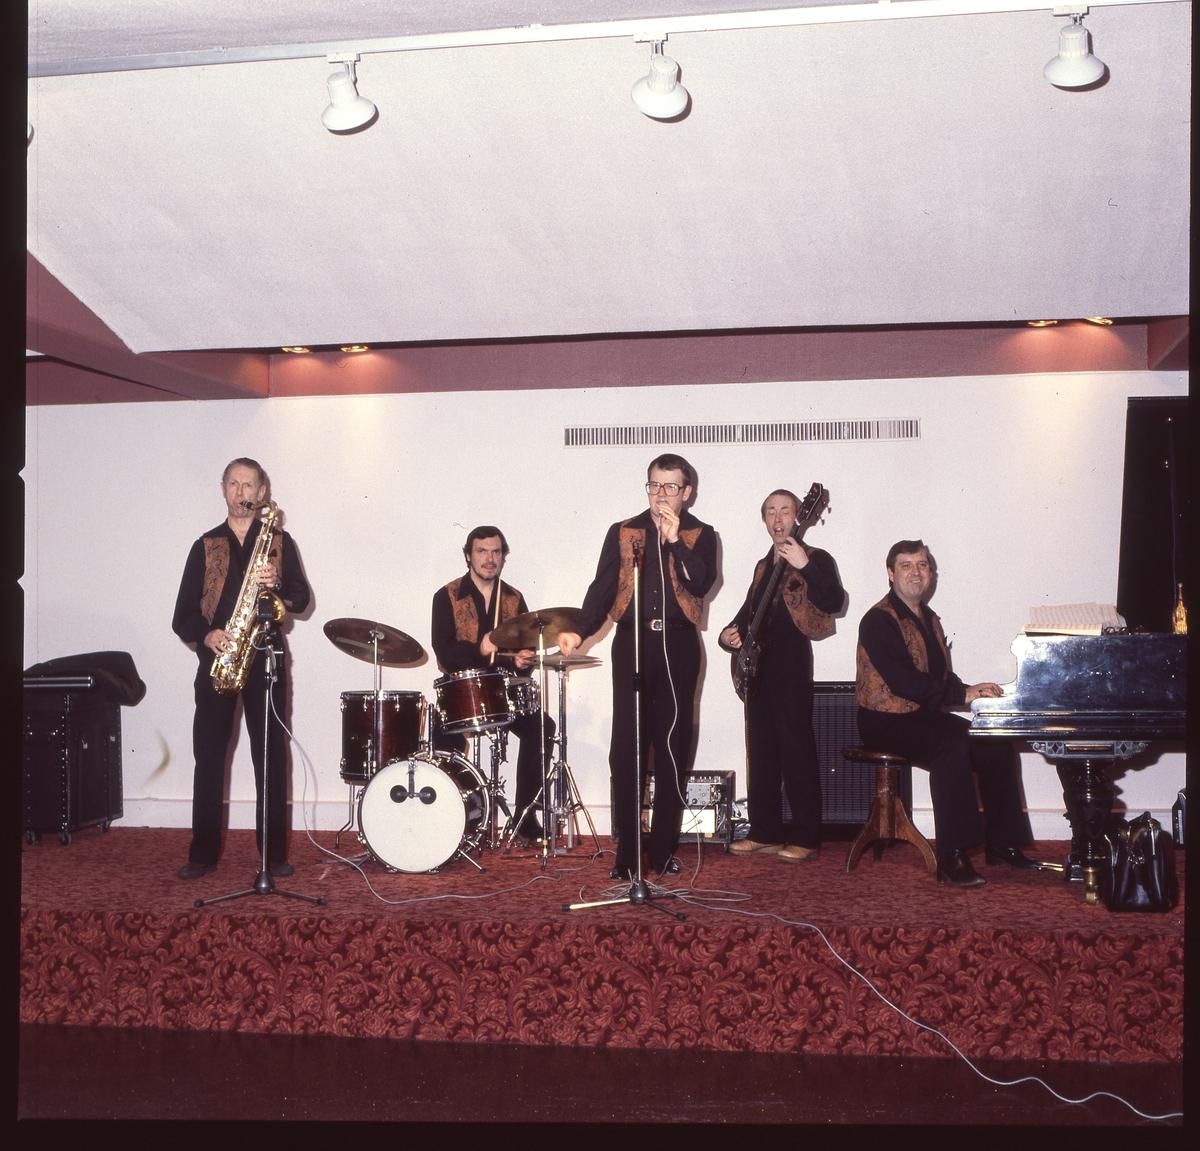 En positiv filmremsa på fyra bilder av ett dansband som spelar på en scen.